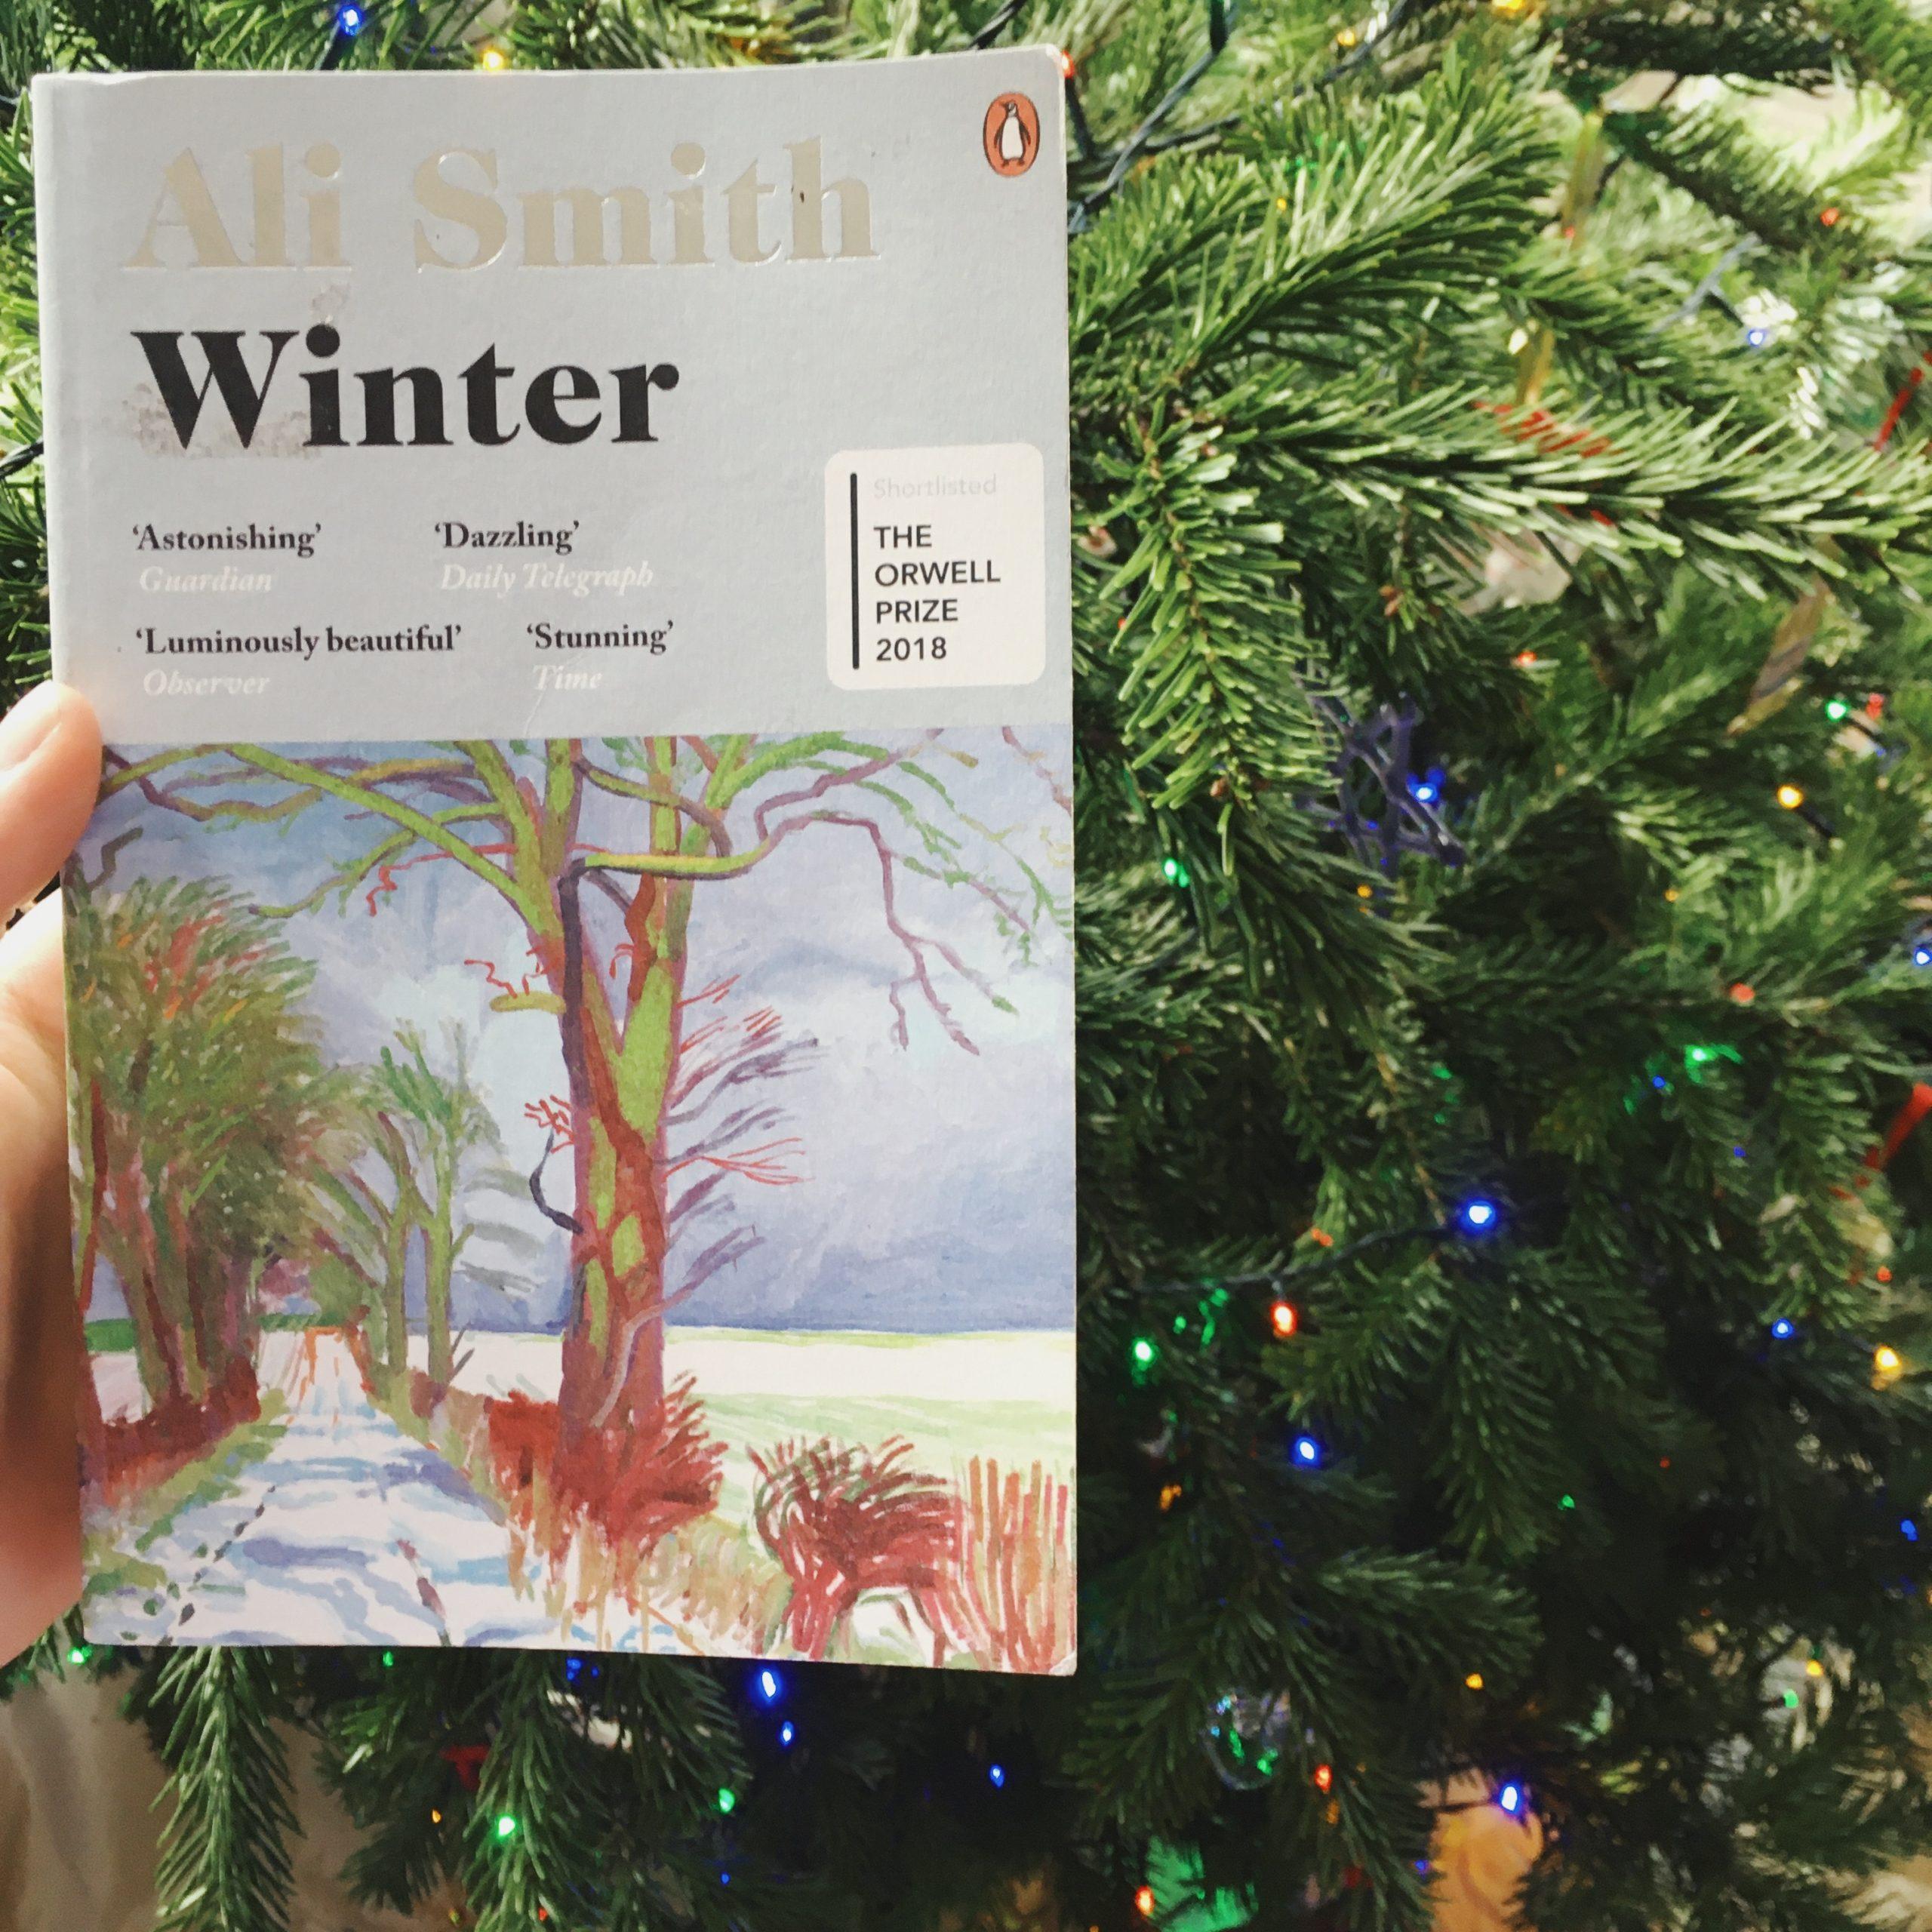 ali smith winter